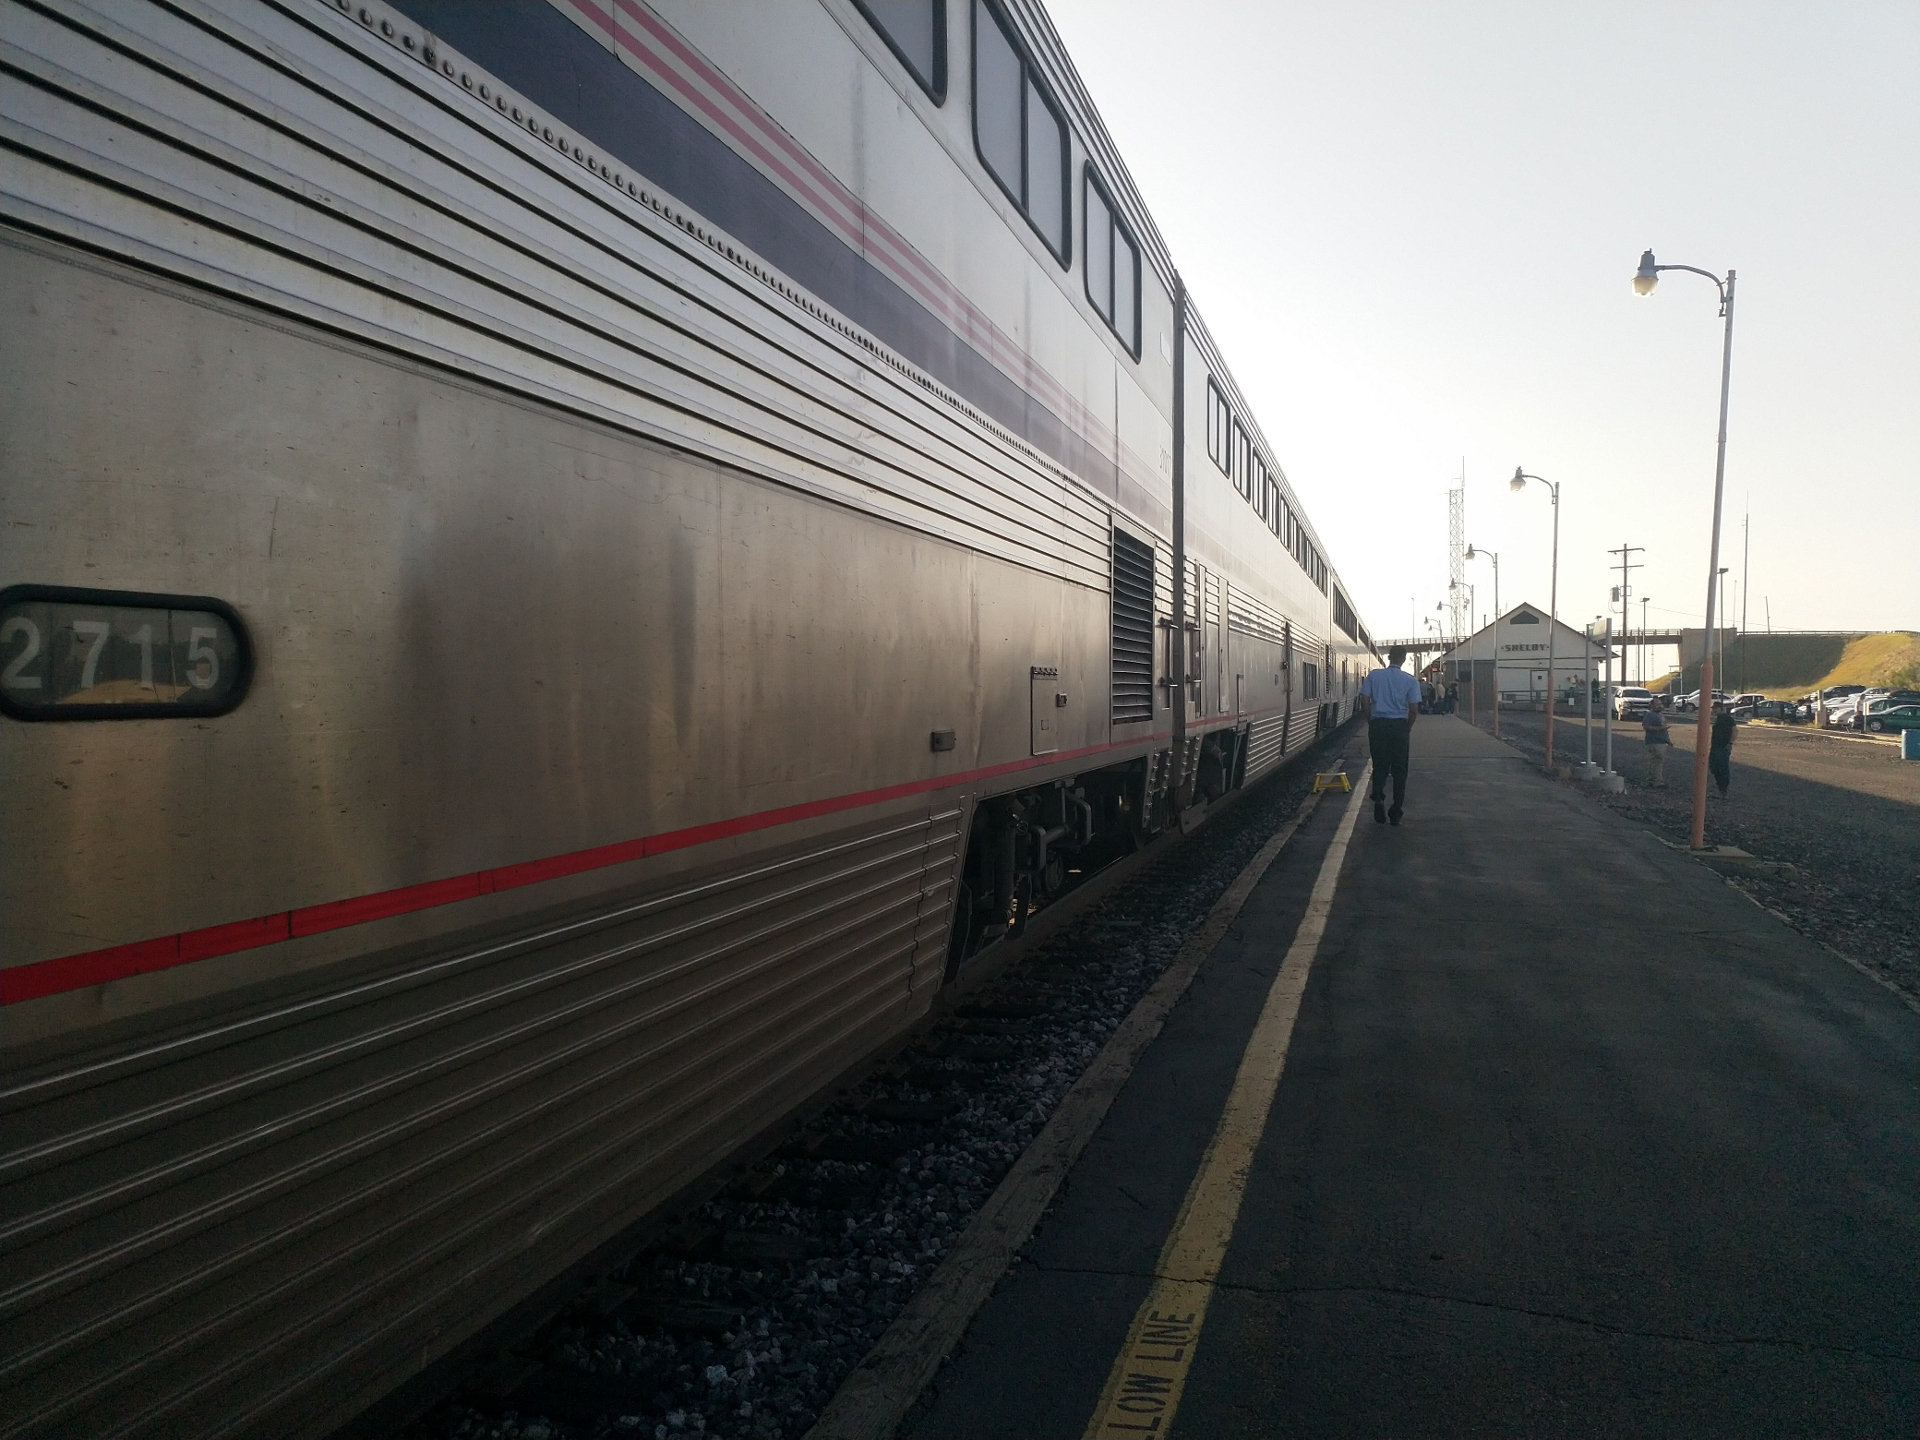 Die Züge sind großteils etwas älter, aber dennoch sehr robust und gut erhalten. - Photocredit: Elisabeth Demeter